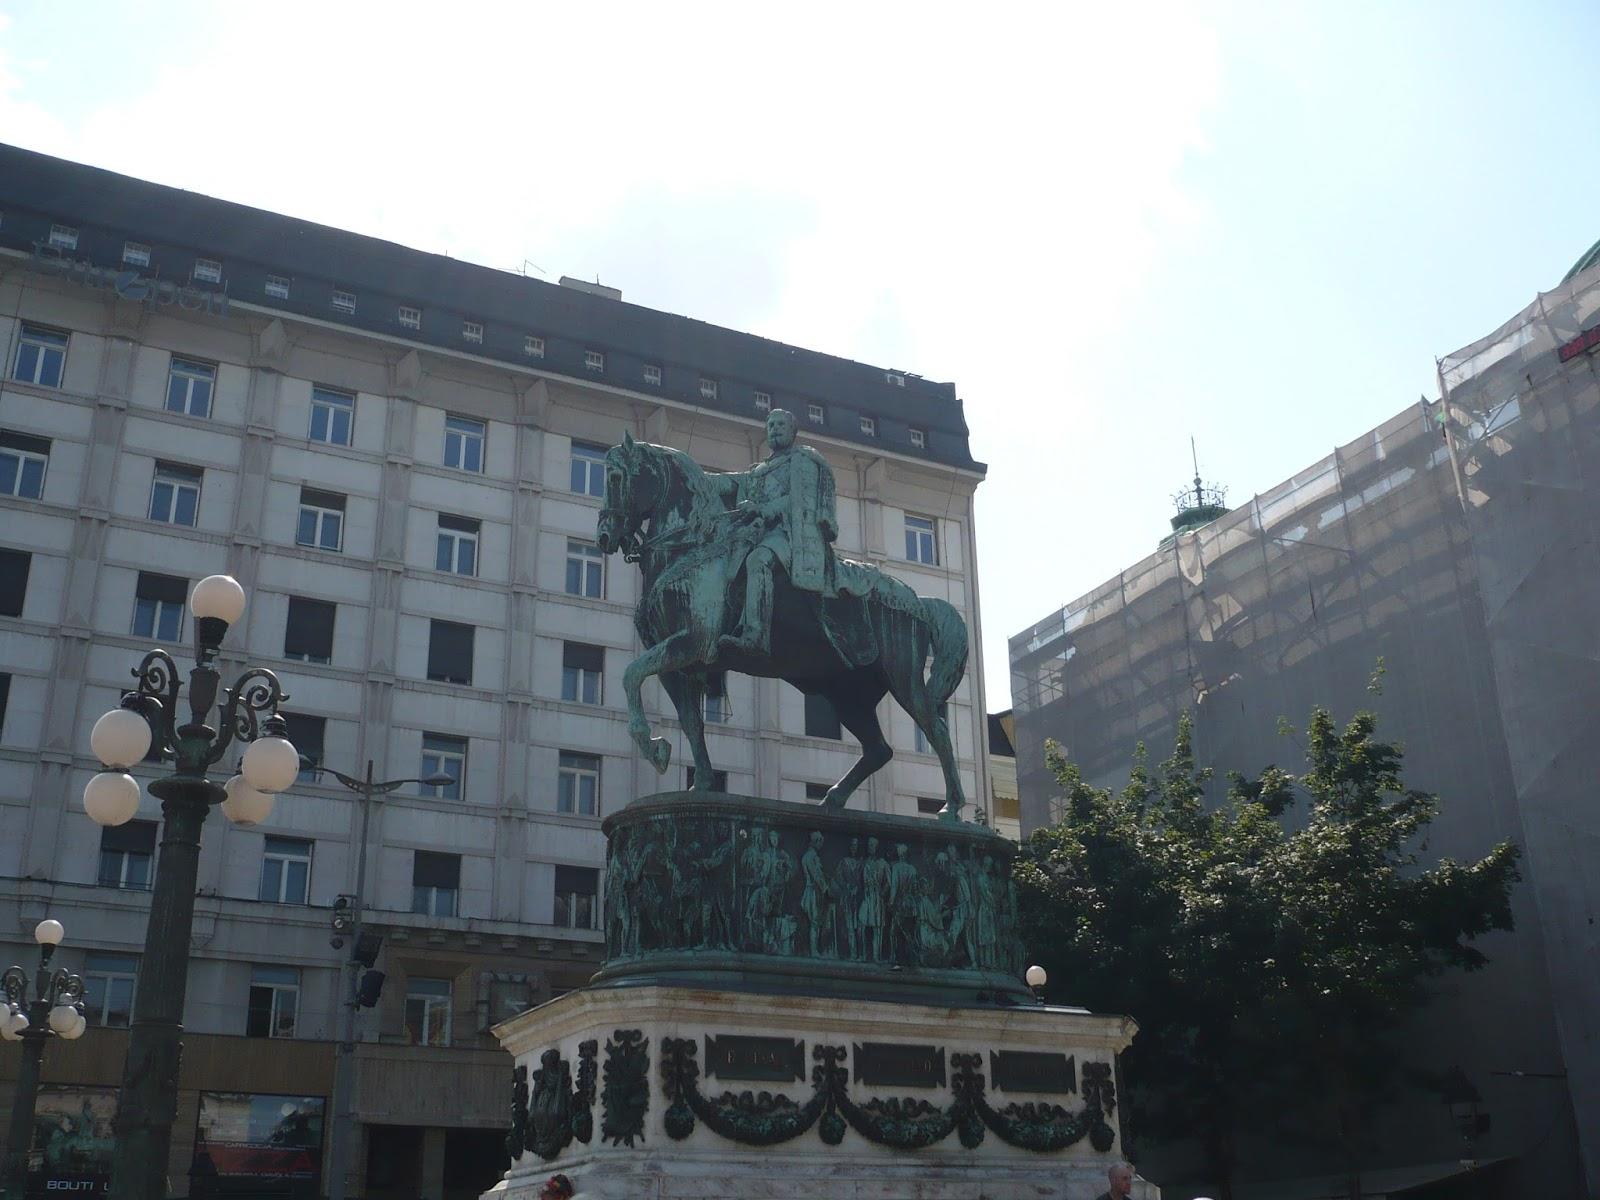 Језива историја Београда: Трг републике крије мрачну тајну прошлости